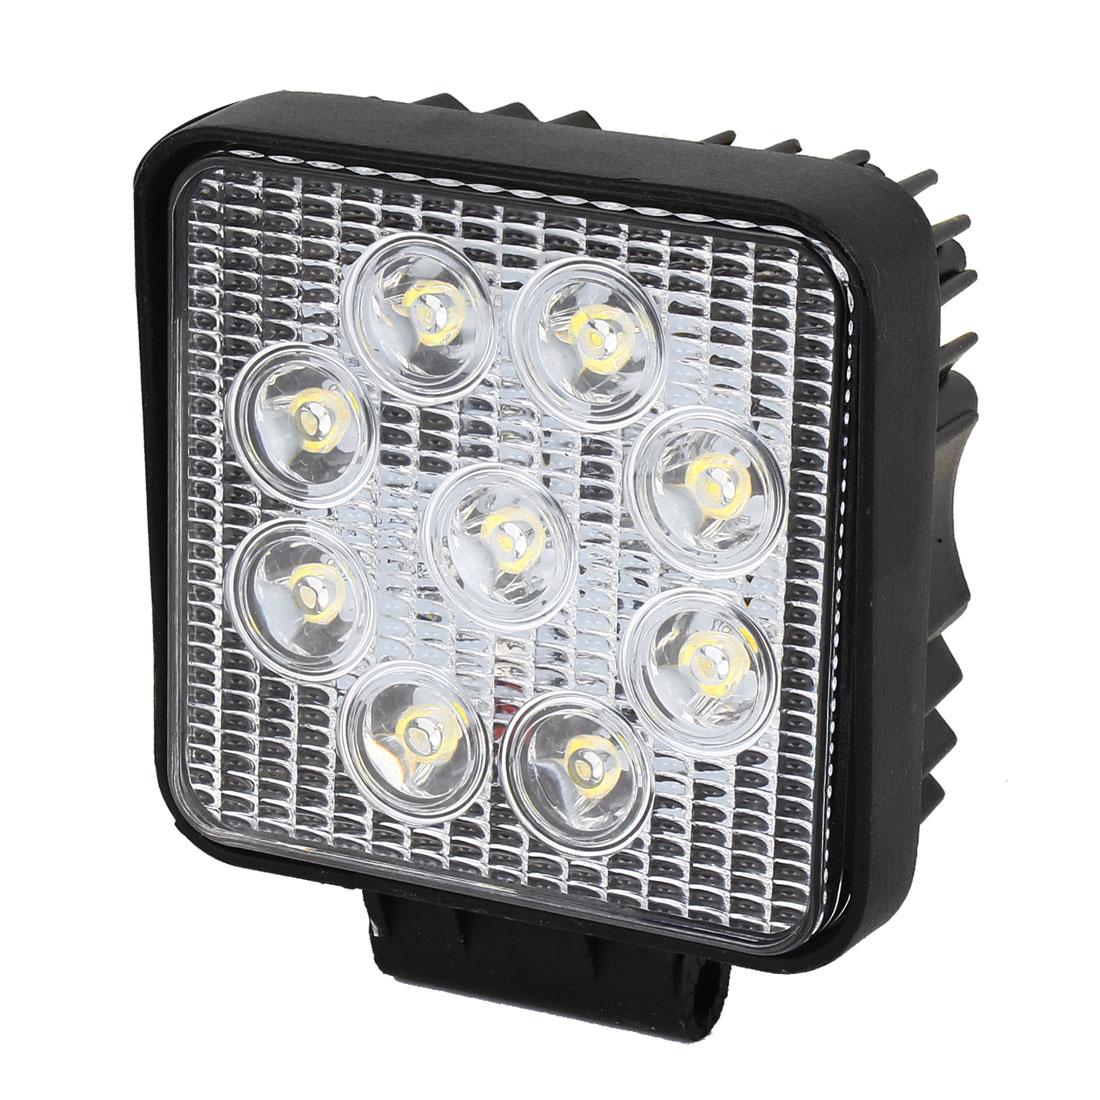 DC 12V 27W Black Metal Shell White 9 LED Working Light Offroad Spot Beam Lamp for Car Truck